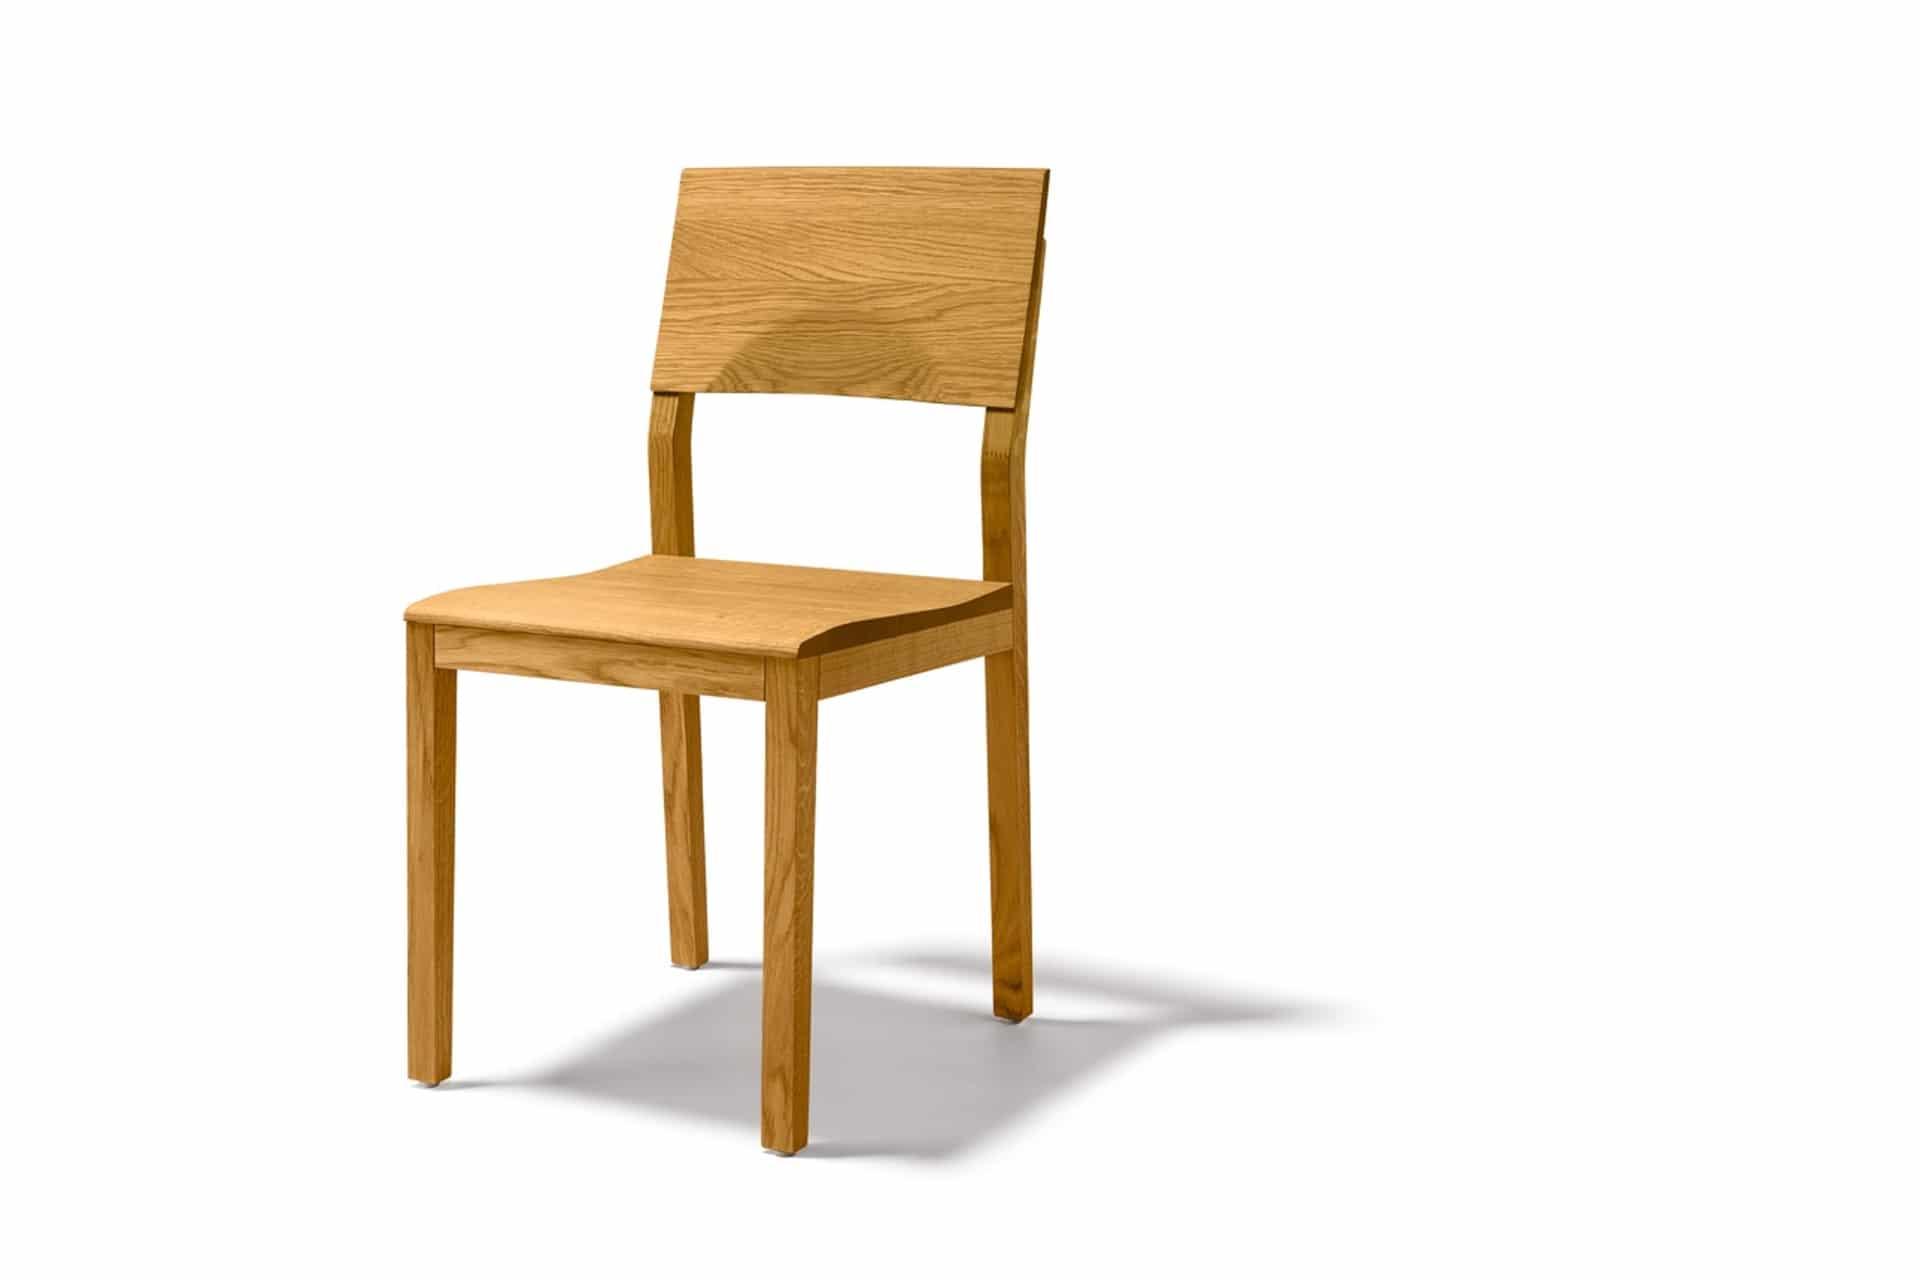 stuhl s1 kohler nat rlich einrichten naturholzm bel team 7 naturm bel massivholzm bel. Black Bedroom Furniture Sets. Home Design Ideas